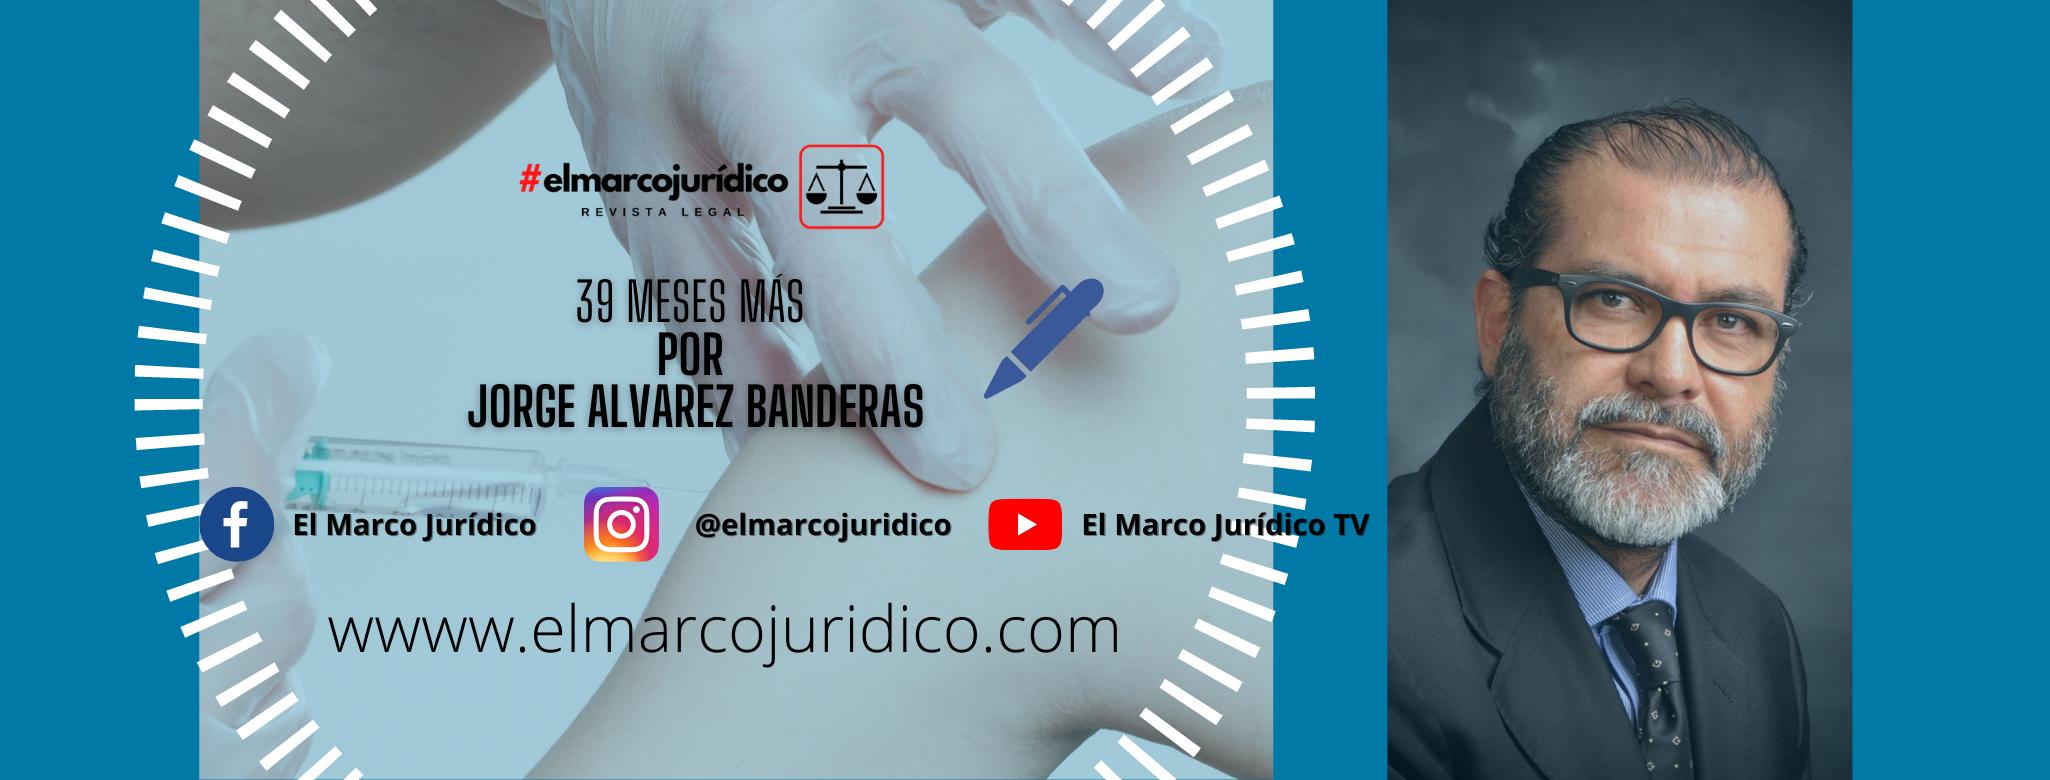 39 MESES MÁS | Jorge Álvarez Banderas